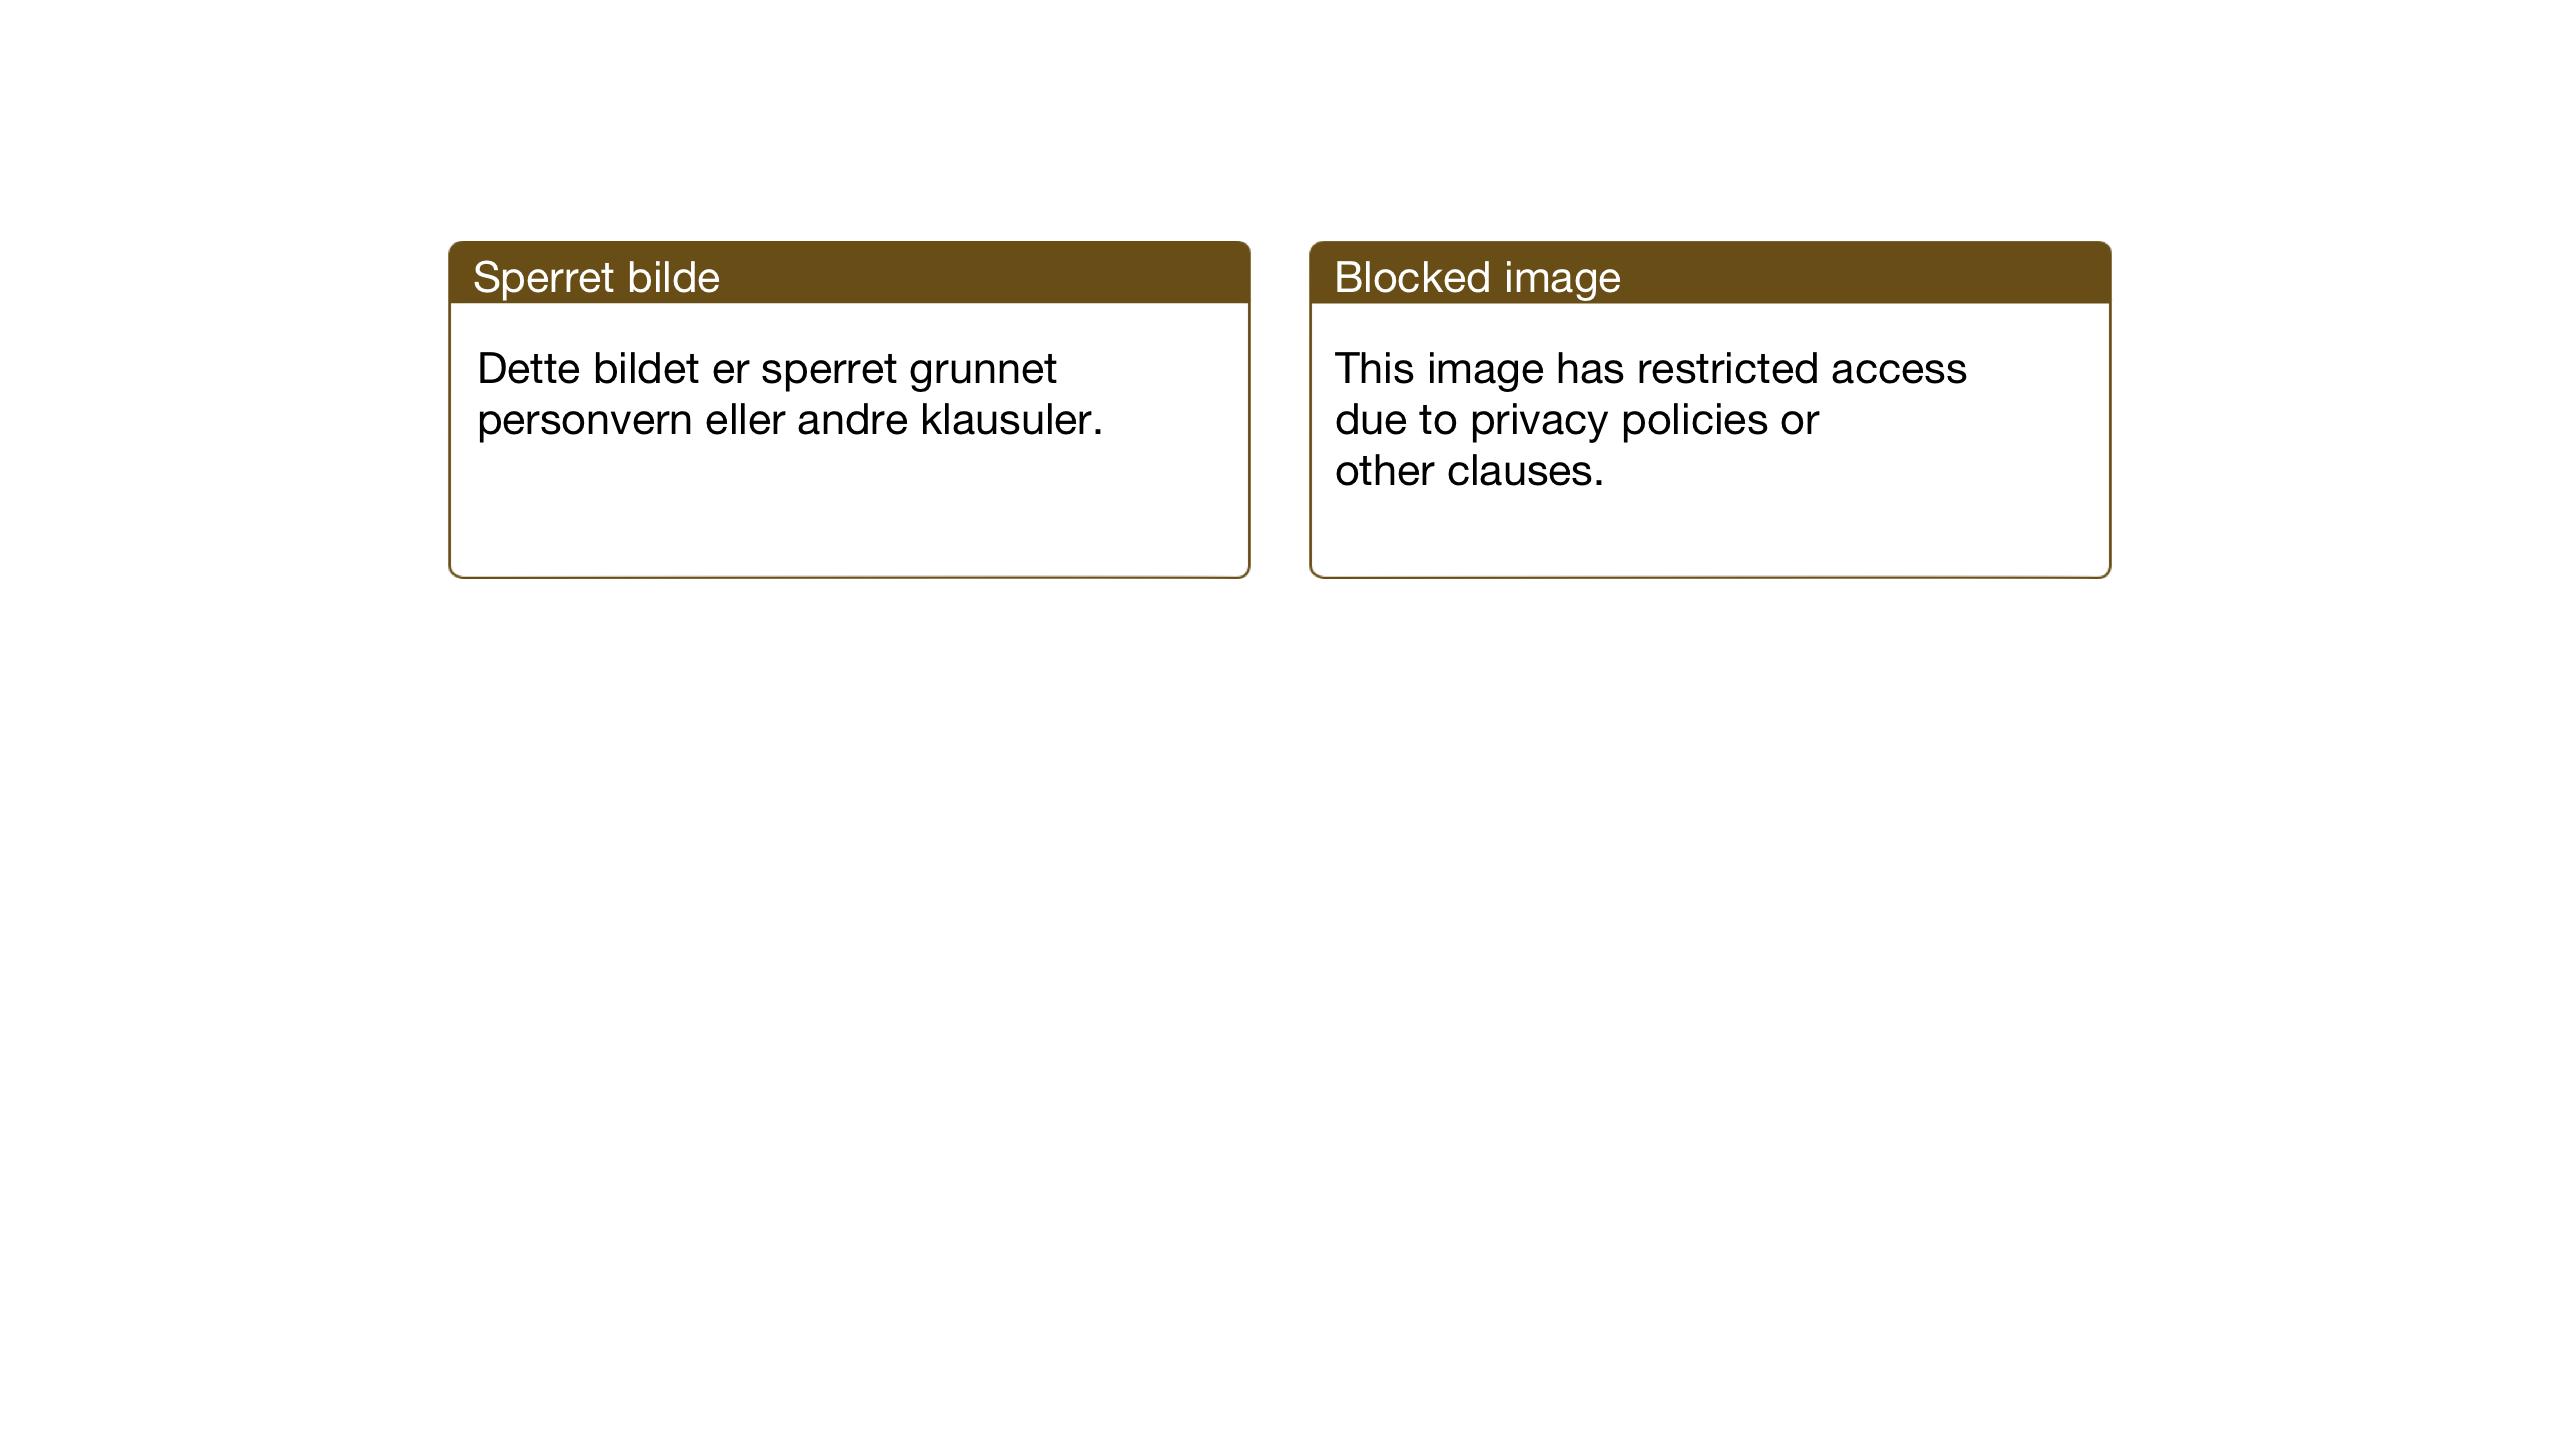 SAT, Ministerialprotokoller, klokkerbøker og fødselsregistre - Nord-Trøndelag, 786/L0689: Klokkerbok nr. 786C01, 1940-1948, s. 242-243